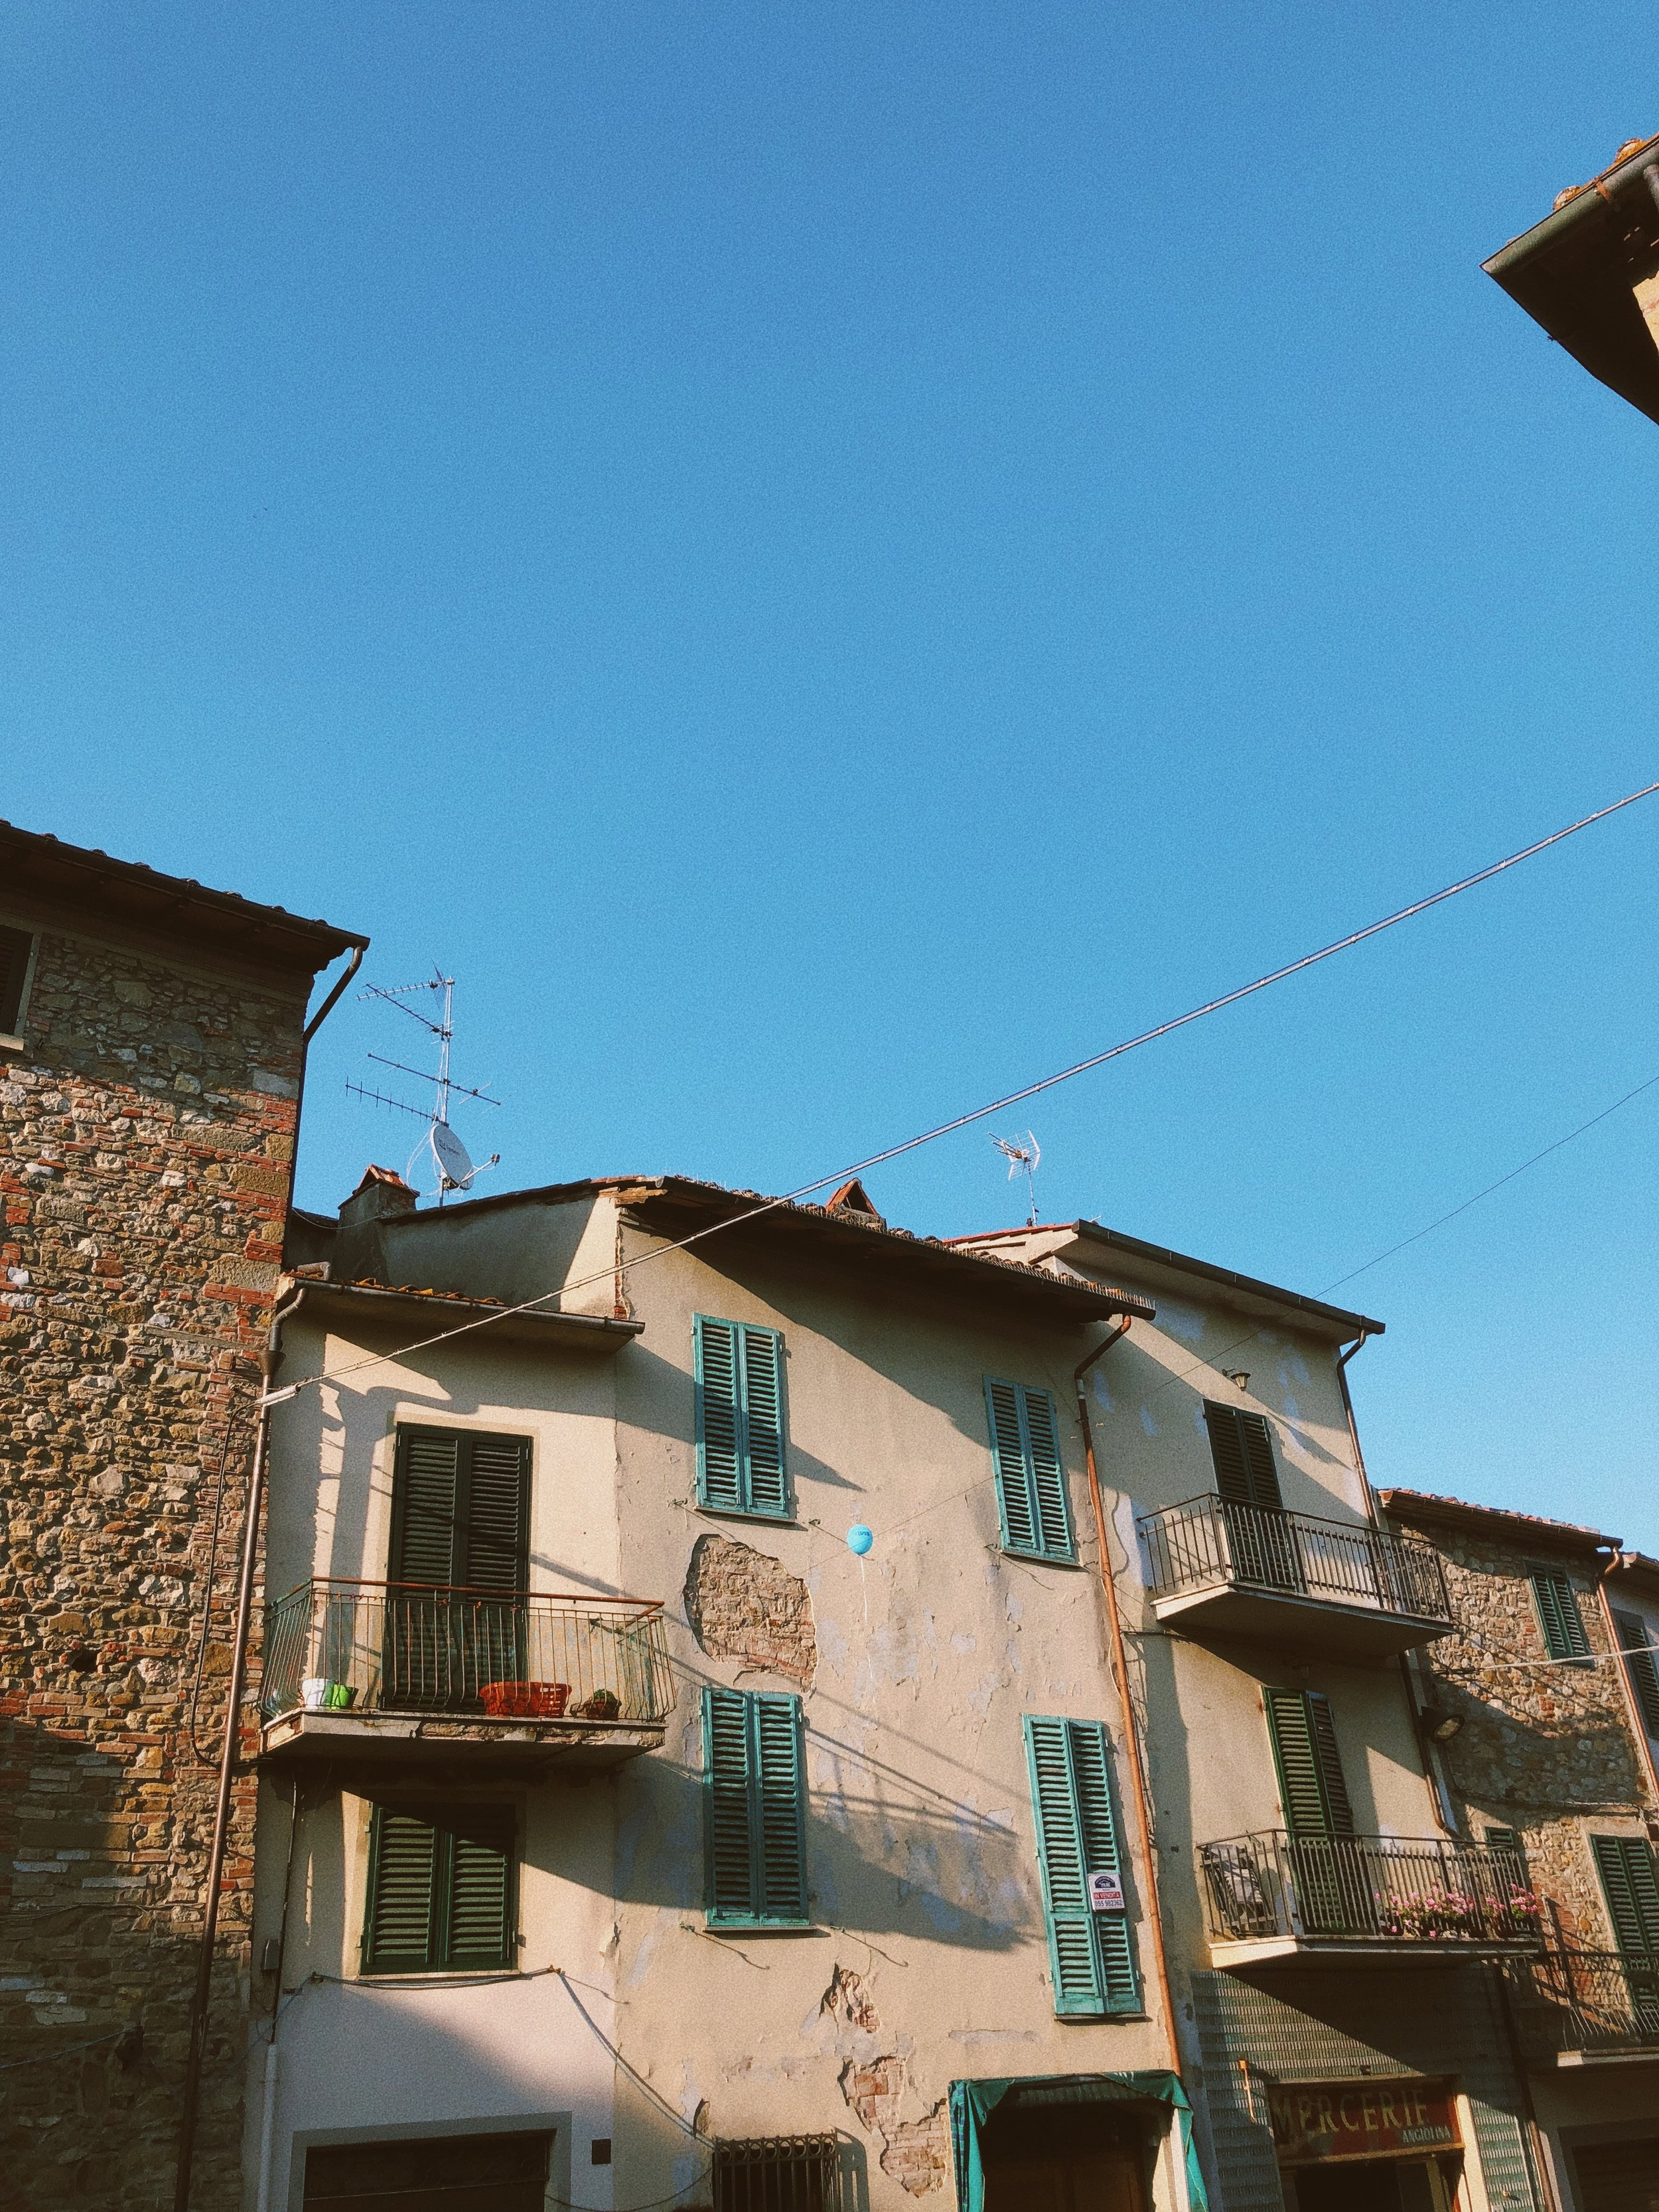 Tuscany guide - Amour Ophelia